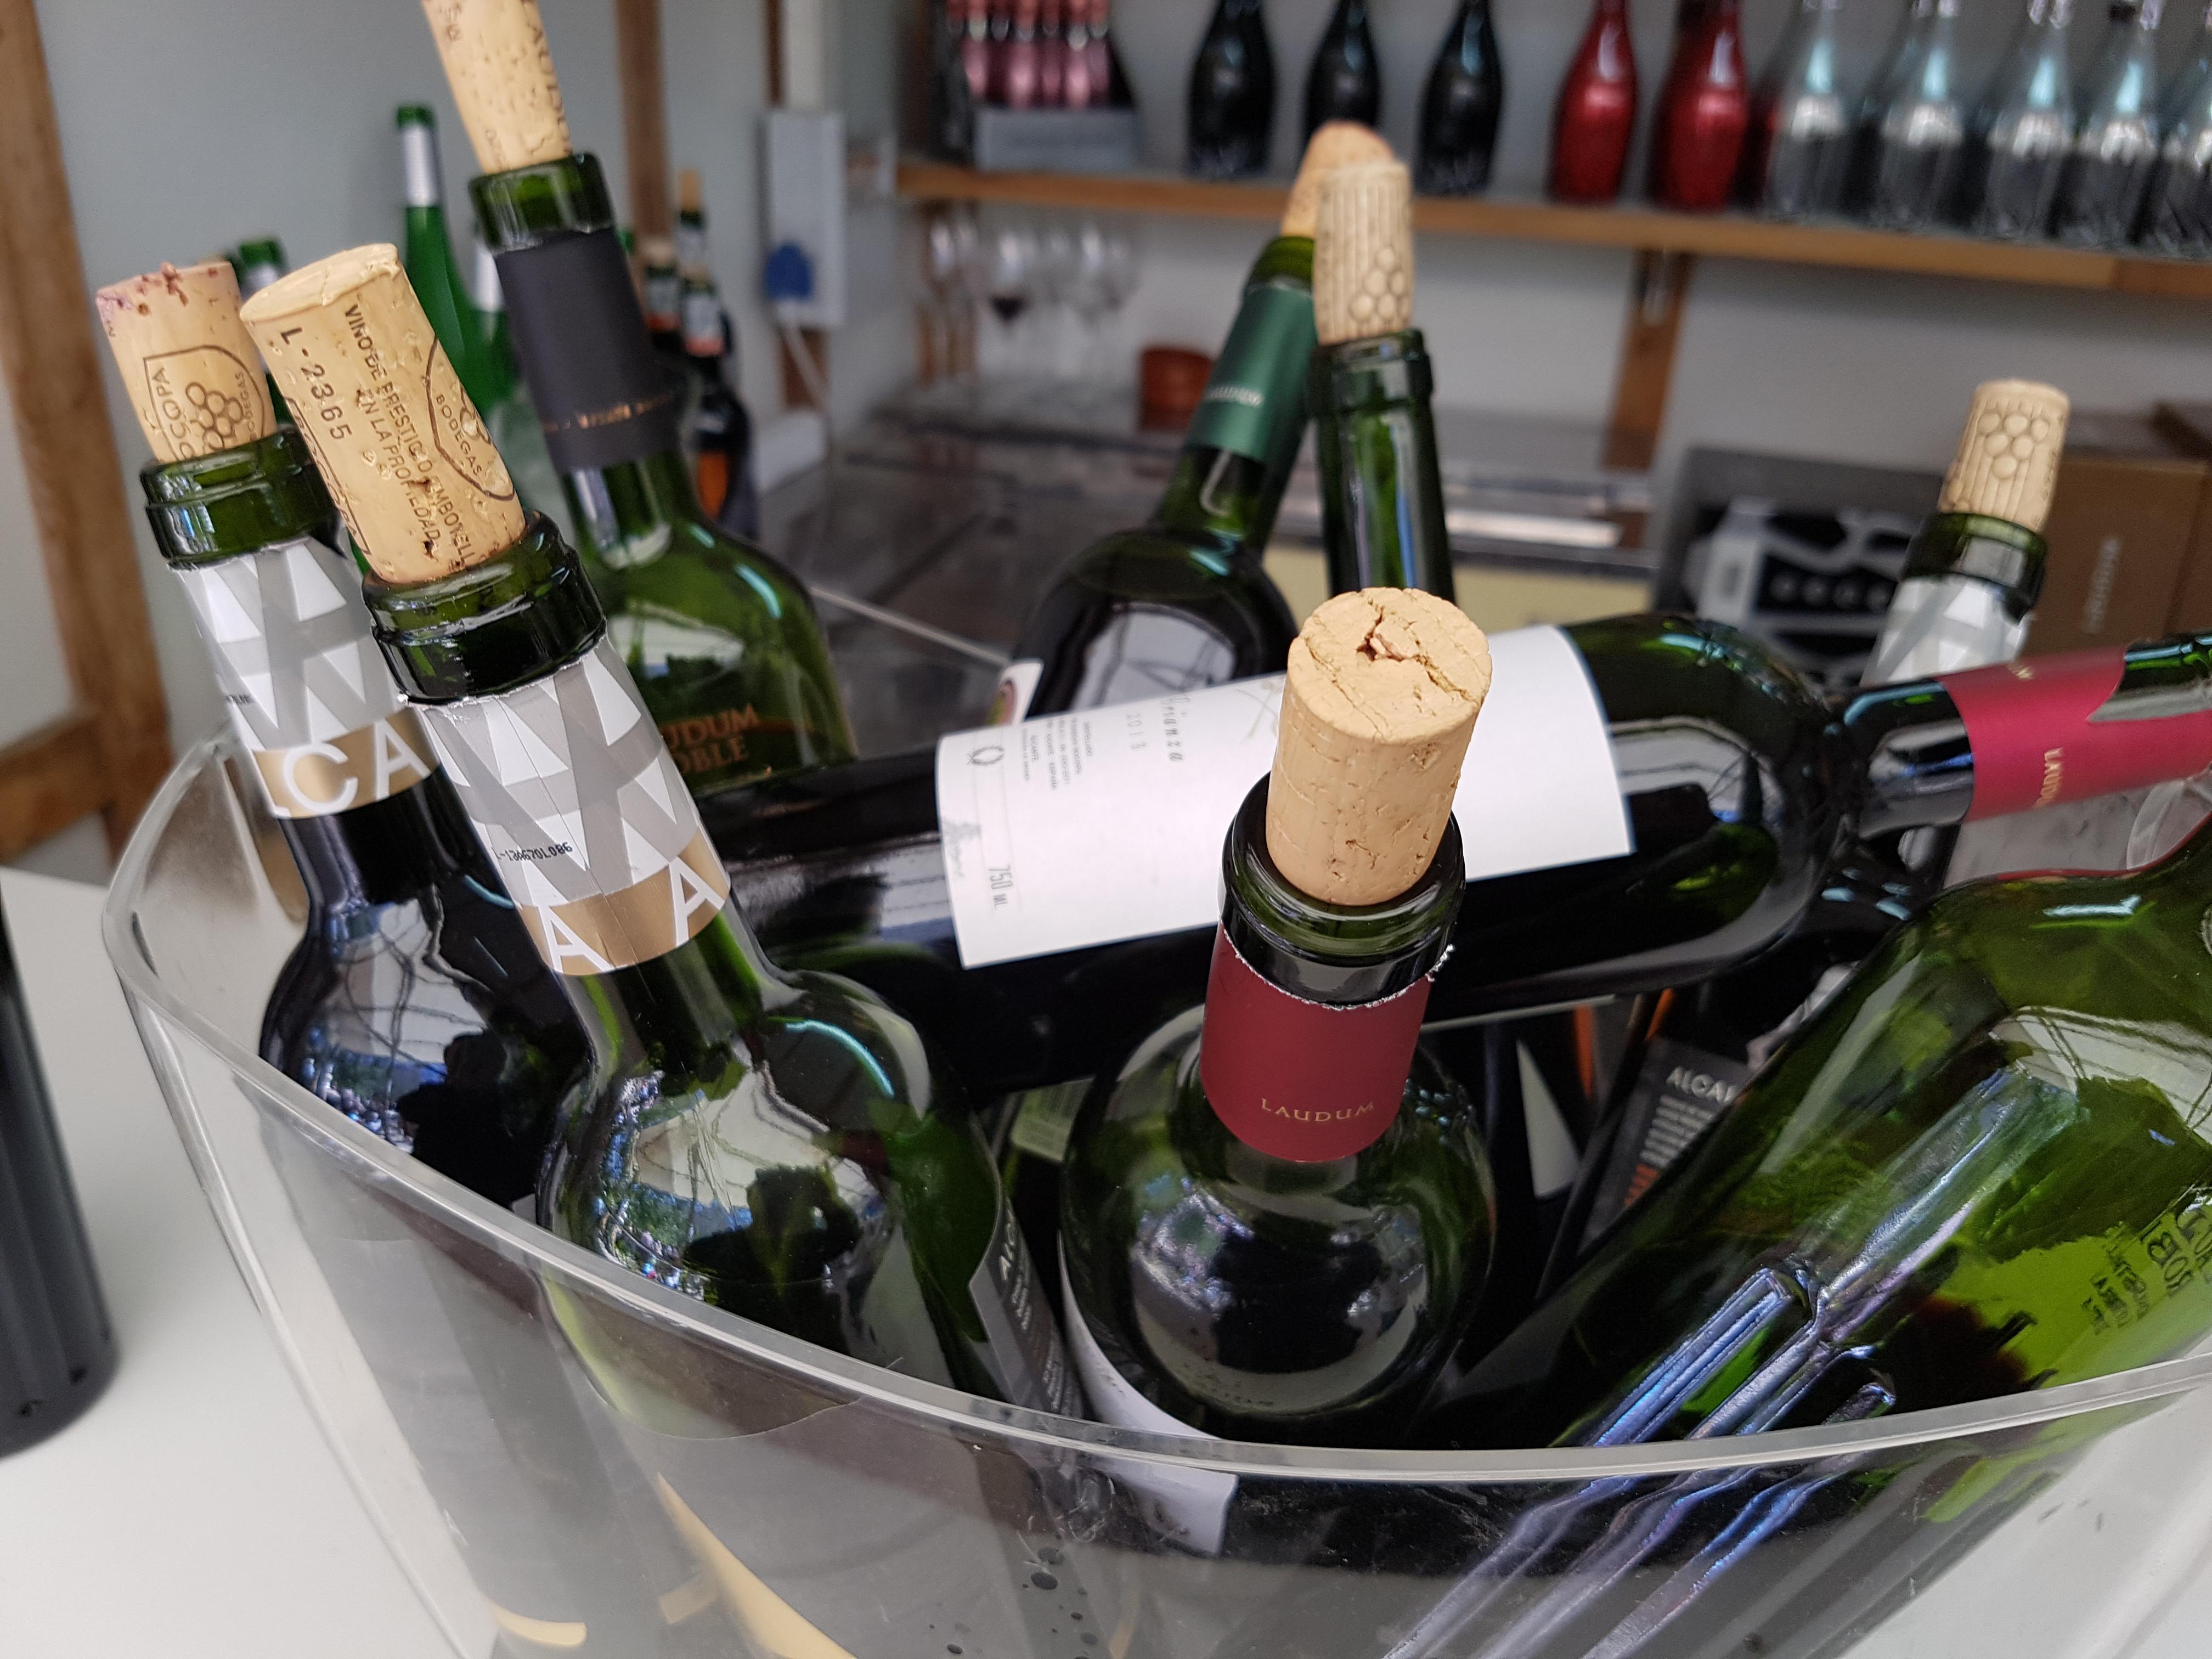 El mercado mundial del vino incrementa el gasto en 2015